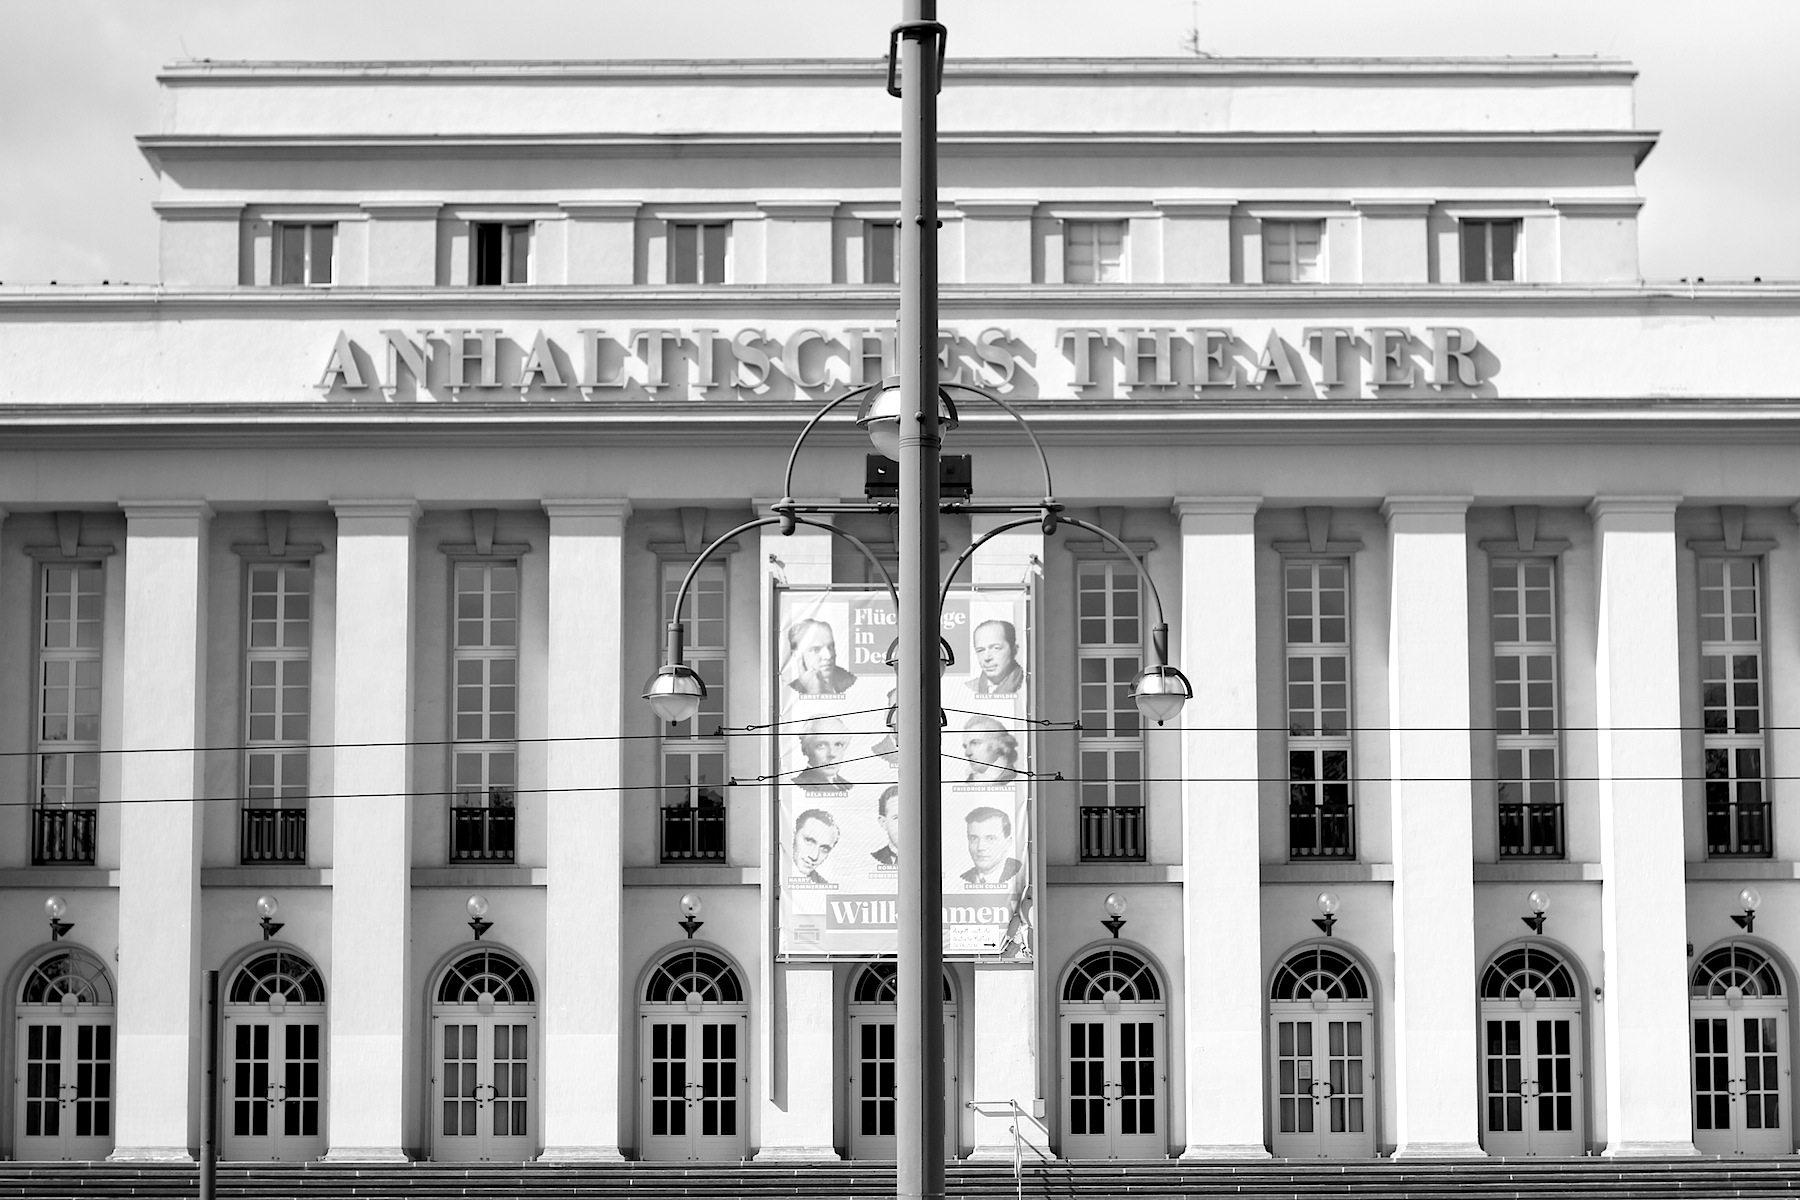 Anhaltisches Theater.  Das Theater wurde 1949 neu eröffnet, nachdem es im Zweiten Weltkrieg zerstört worden war.